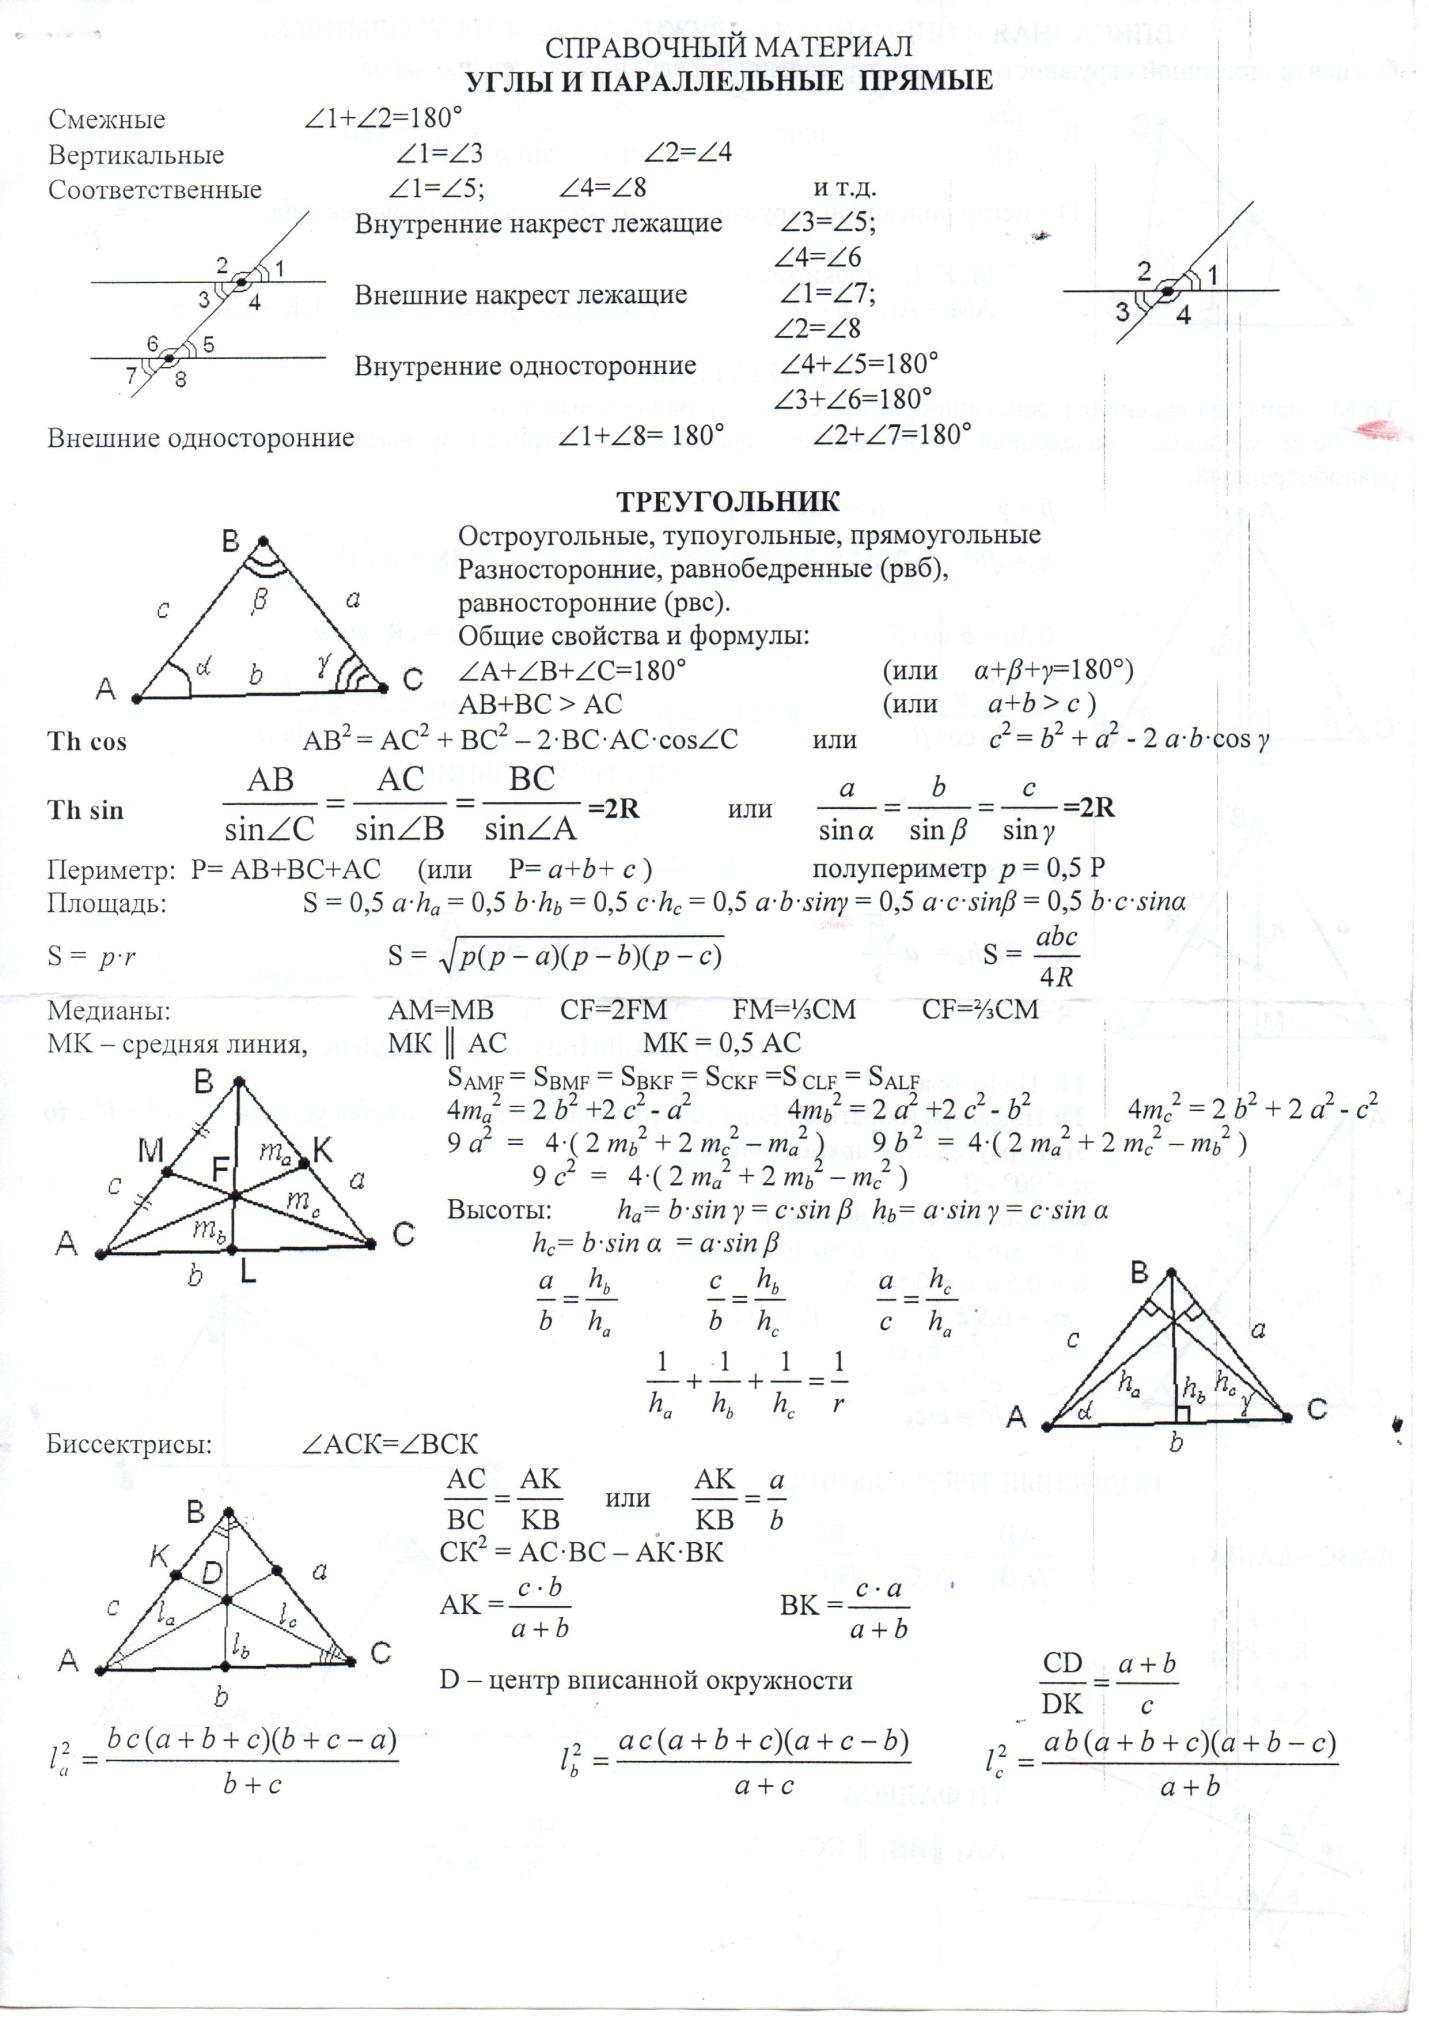 C:\Users\сайлана\Desktop\Справочный материал по математике\img082.jpg